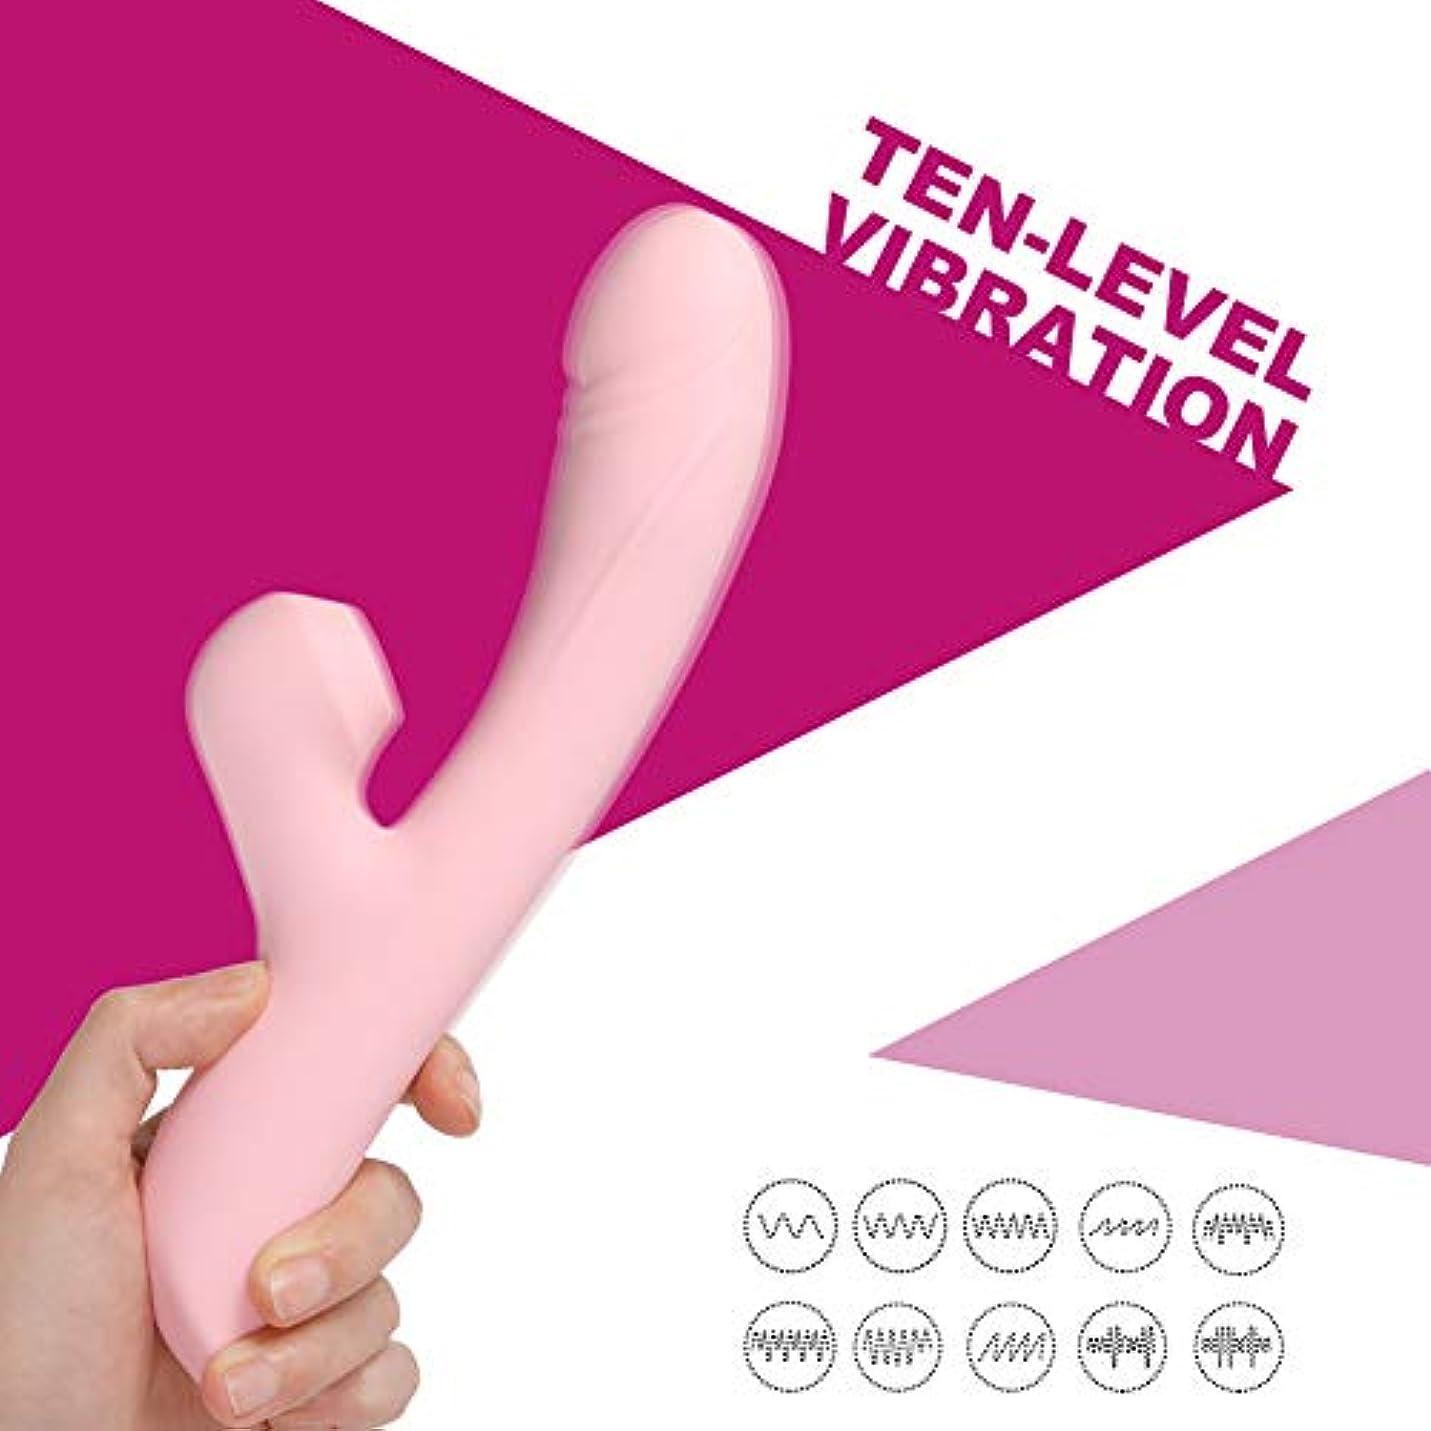 説得力のあるリビングルームヘクタールオイル セルライト バイブレーターUSB充電式 AVマジック ワンドバイブレーター マッサージャー 大人のおもちゃ女性用 10スピード電動マッサージ器 42度加熱 自由に曲げられる (ピンク色)